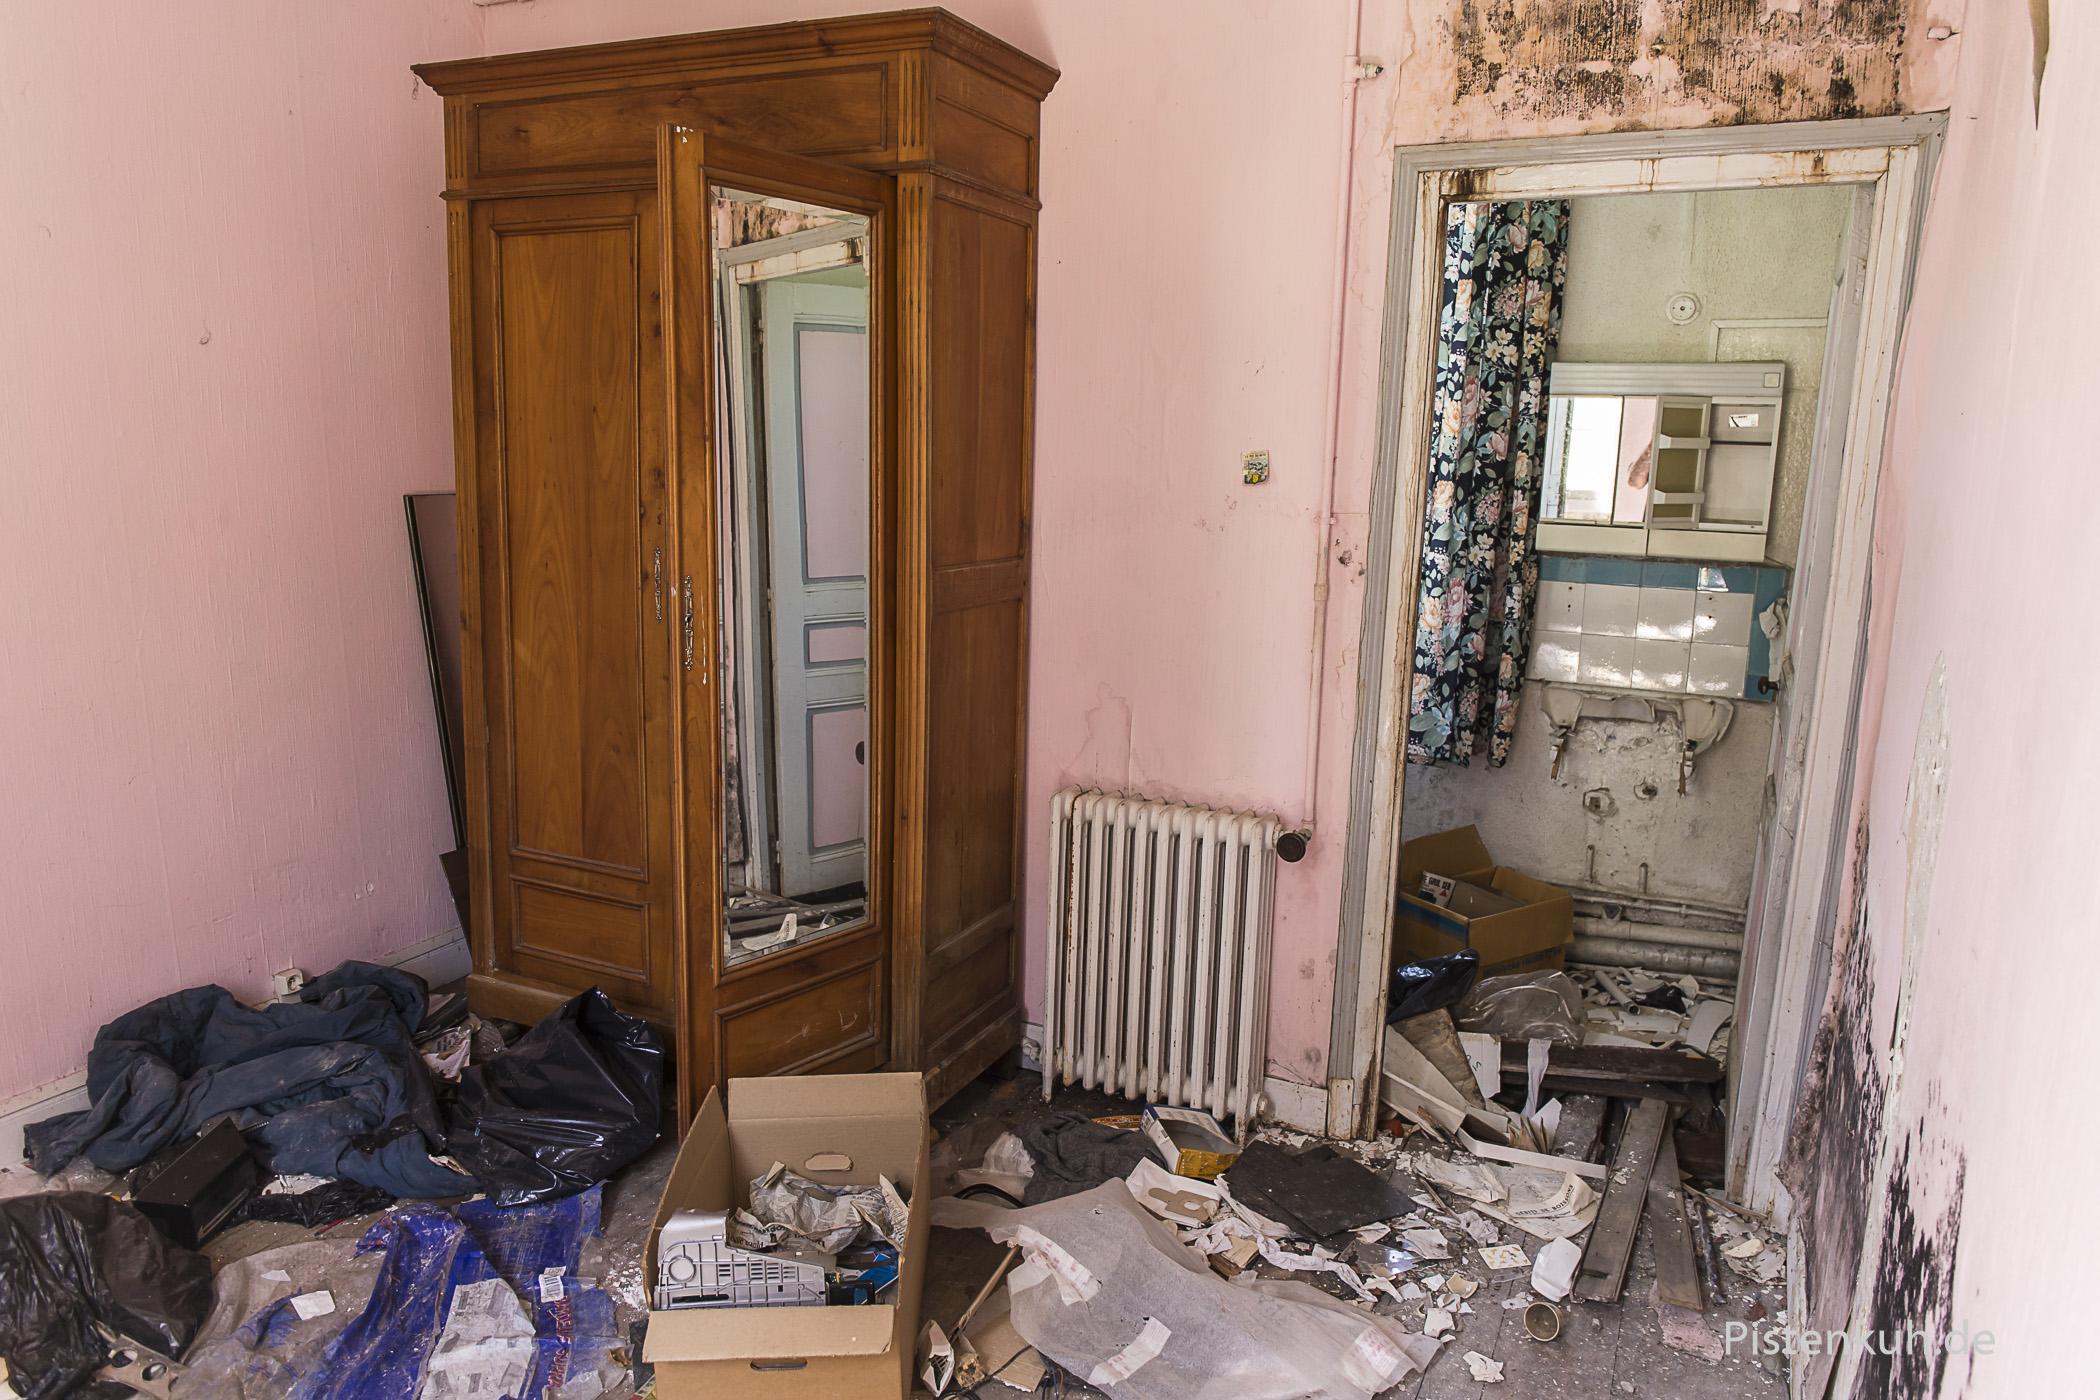 Die Bäder sind zerstört, die Möbel jedoch noch vorhanden.